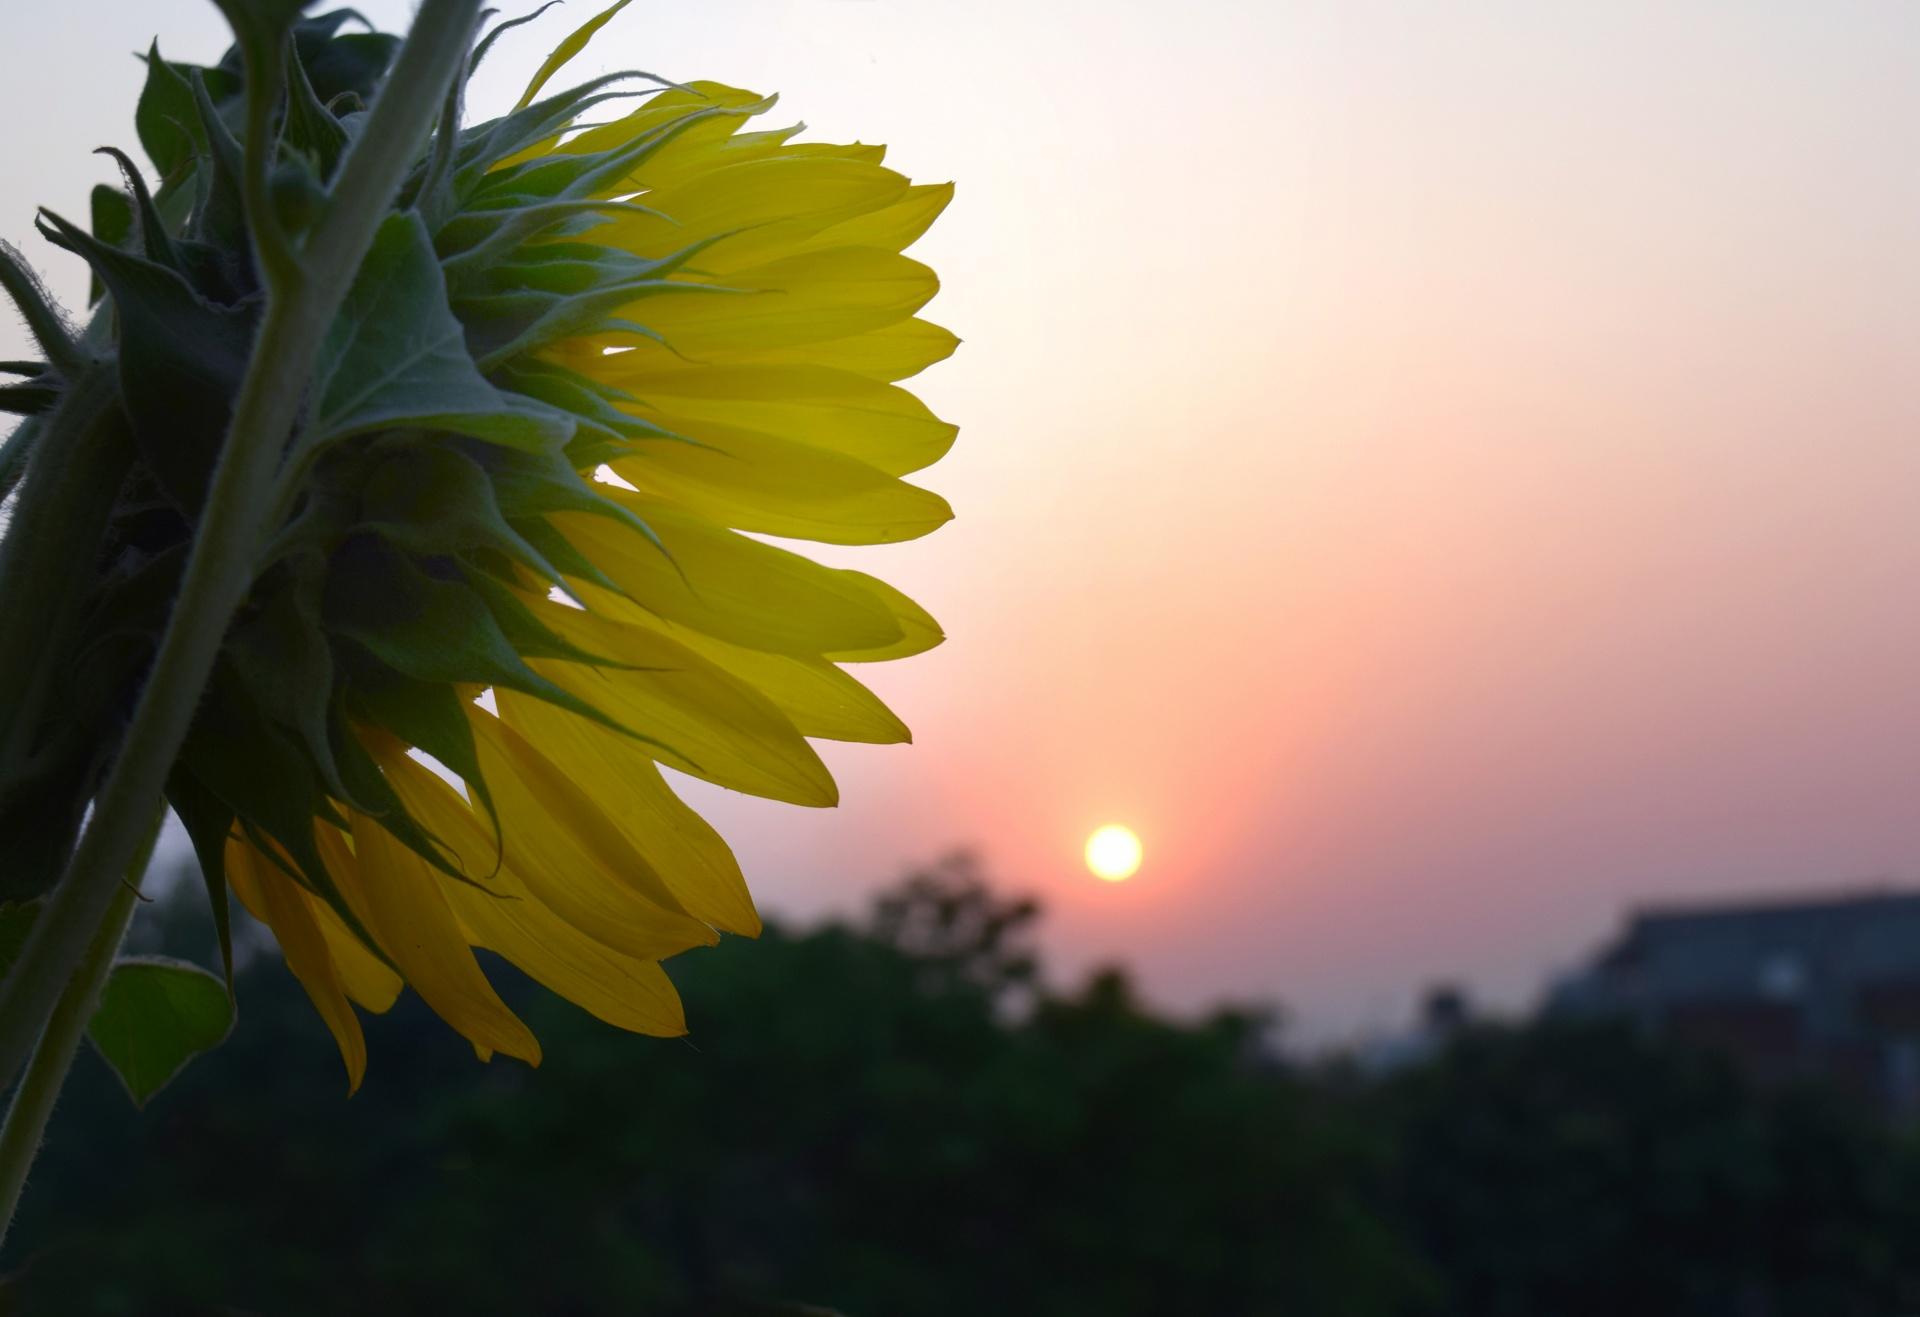 Morning sun photo